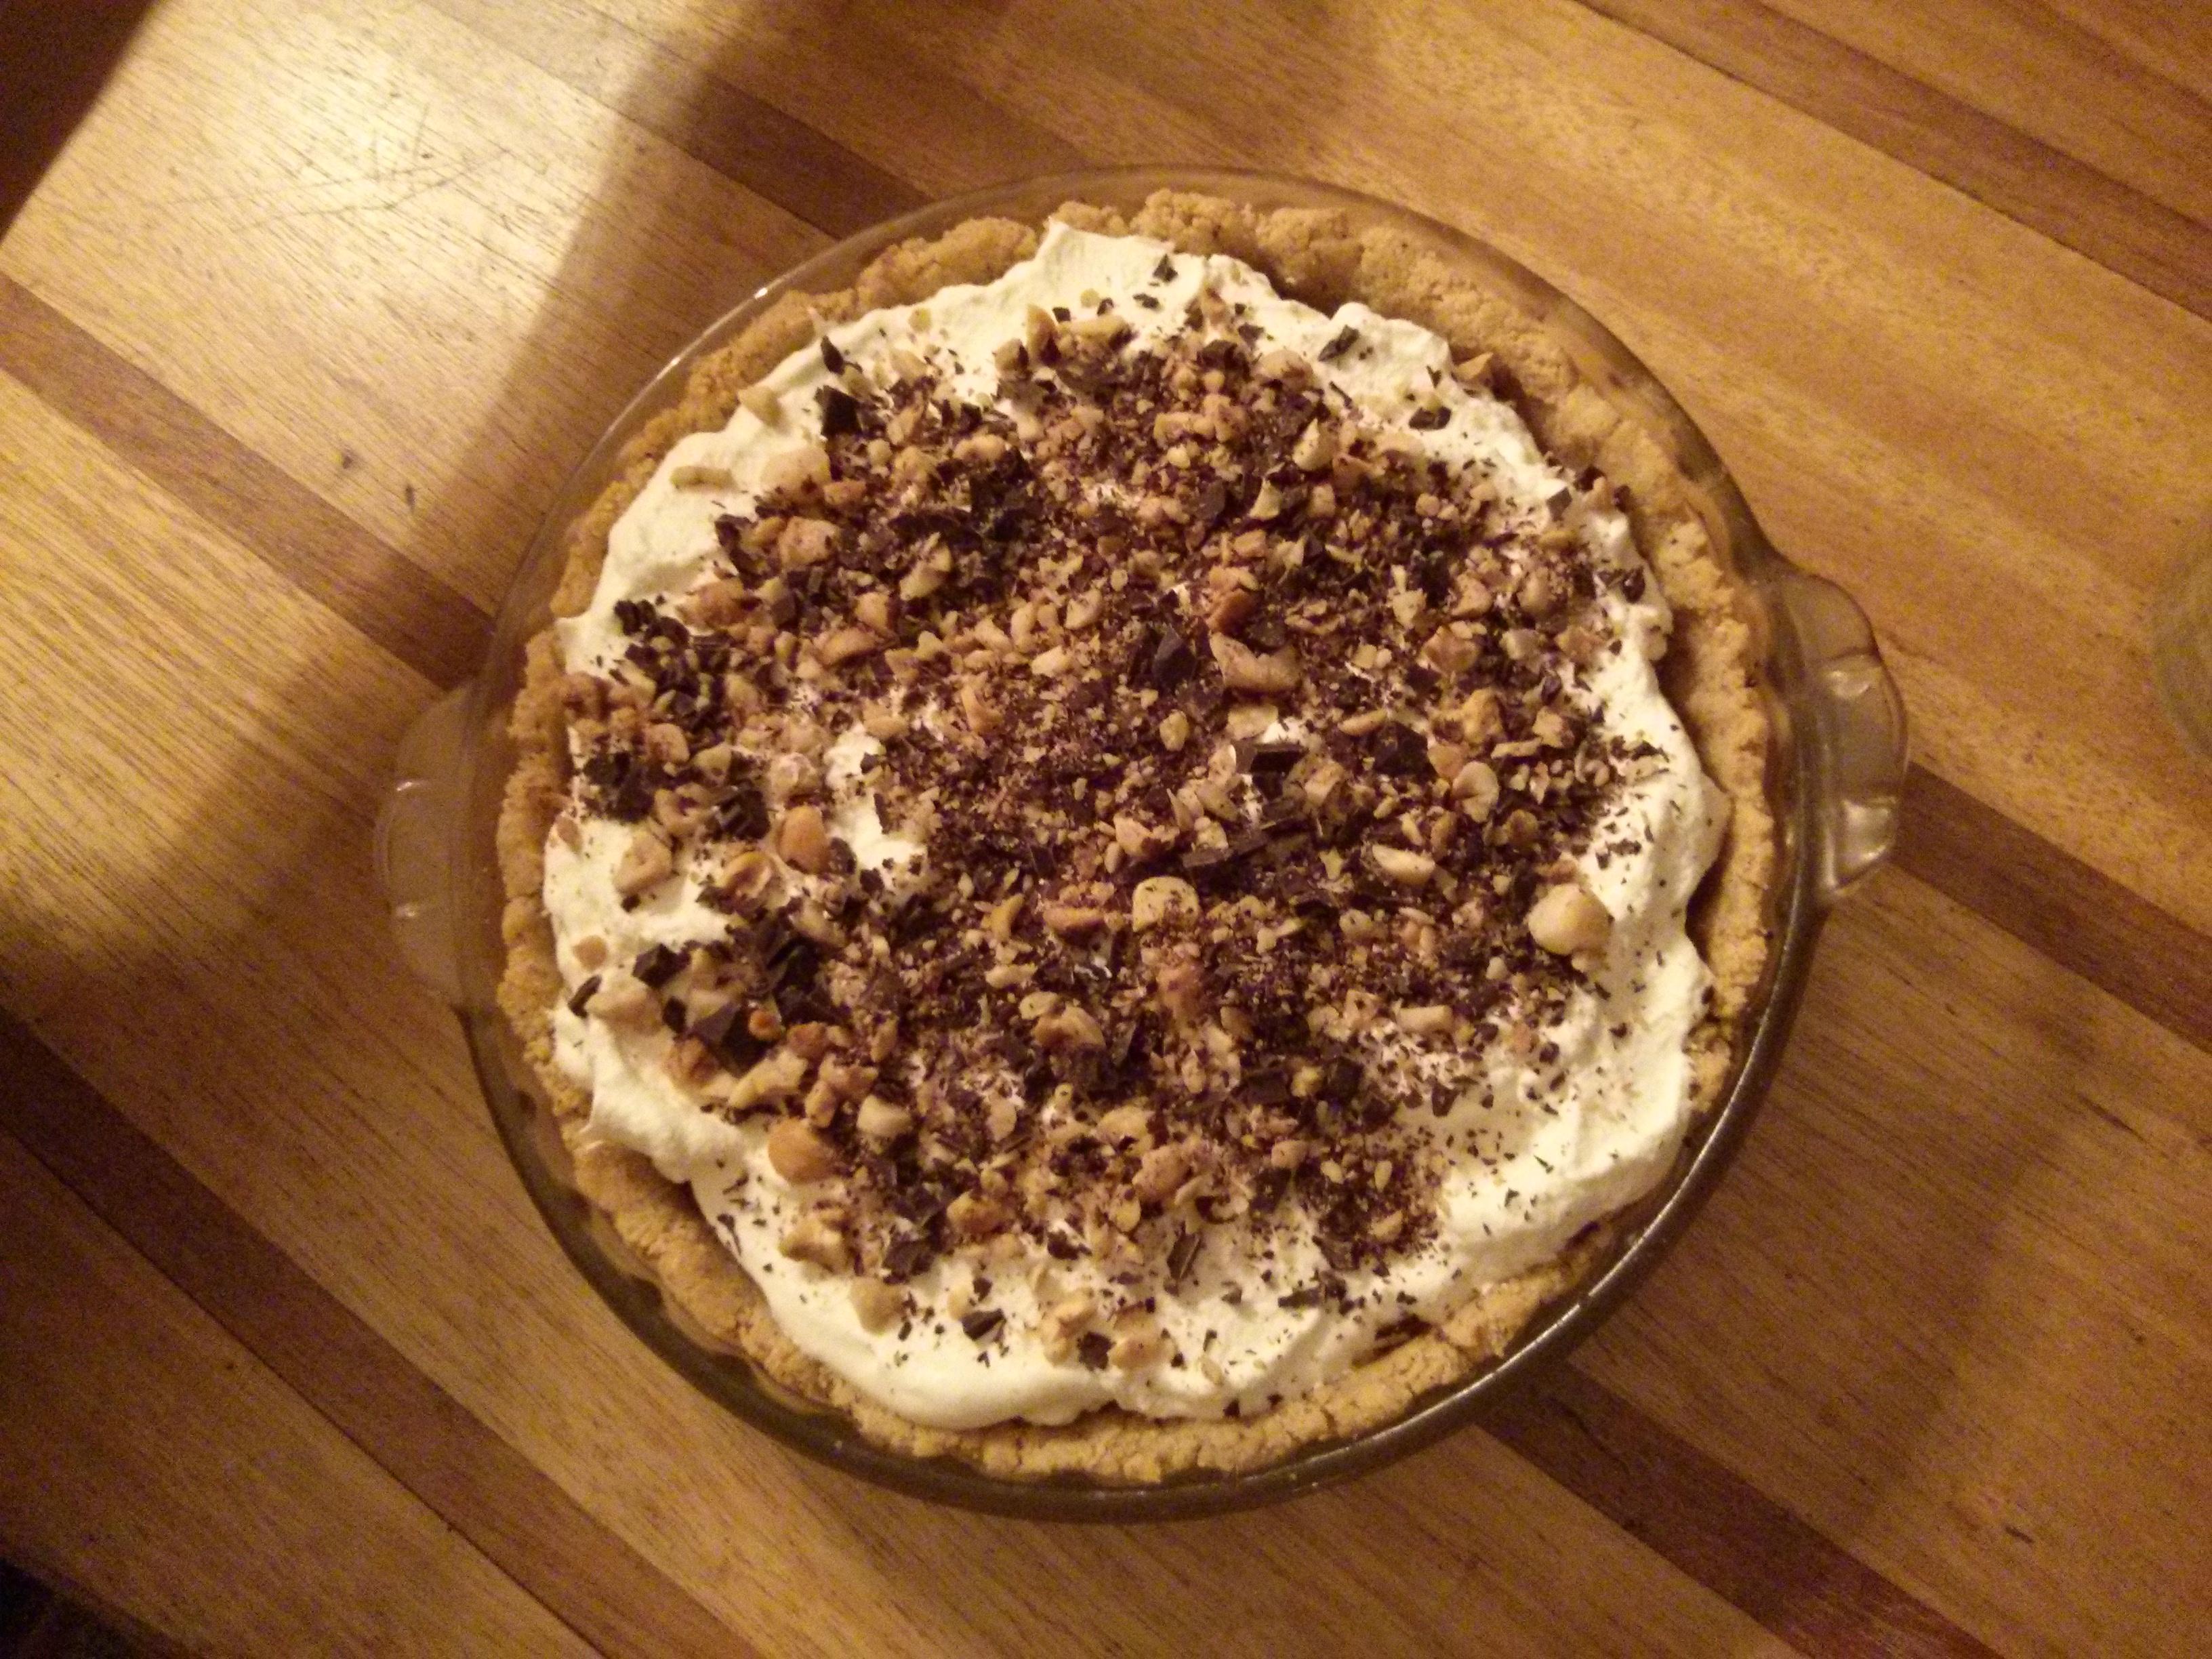 Chocolate Hazelnut Pudding Recipes — Dishmaps